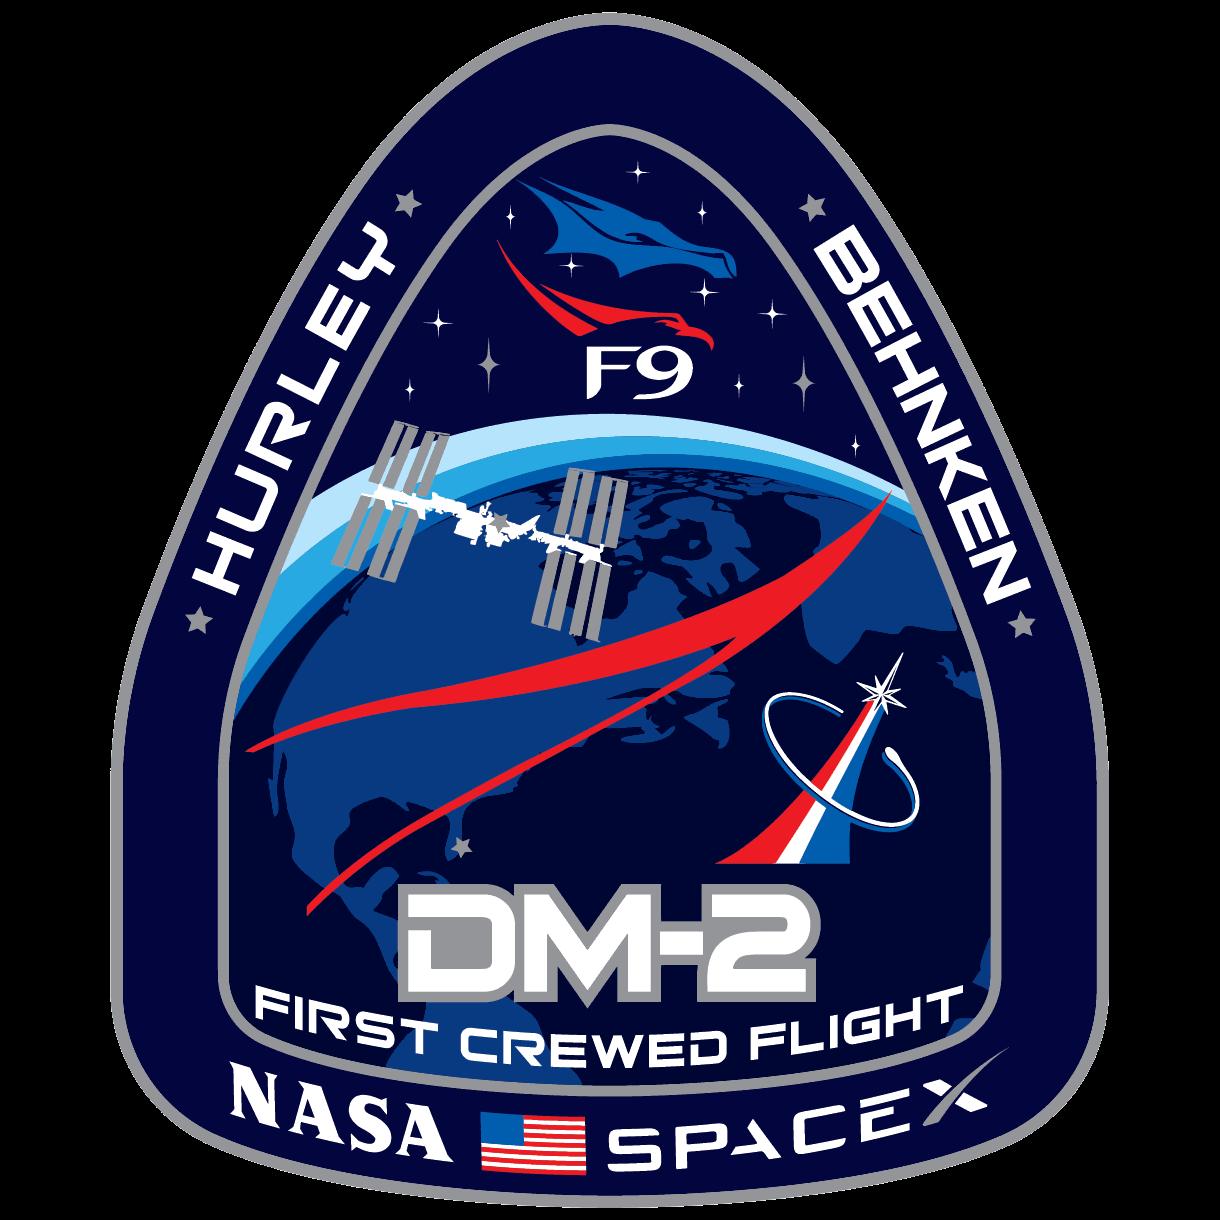 Logo misji DM-2 przygotowane przez NASA